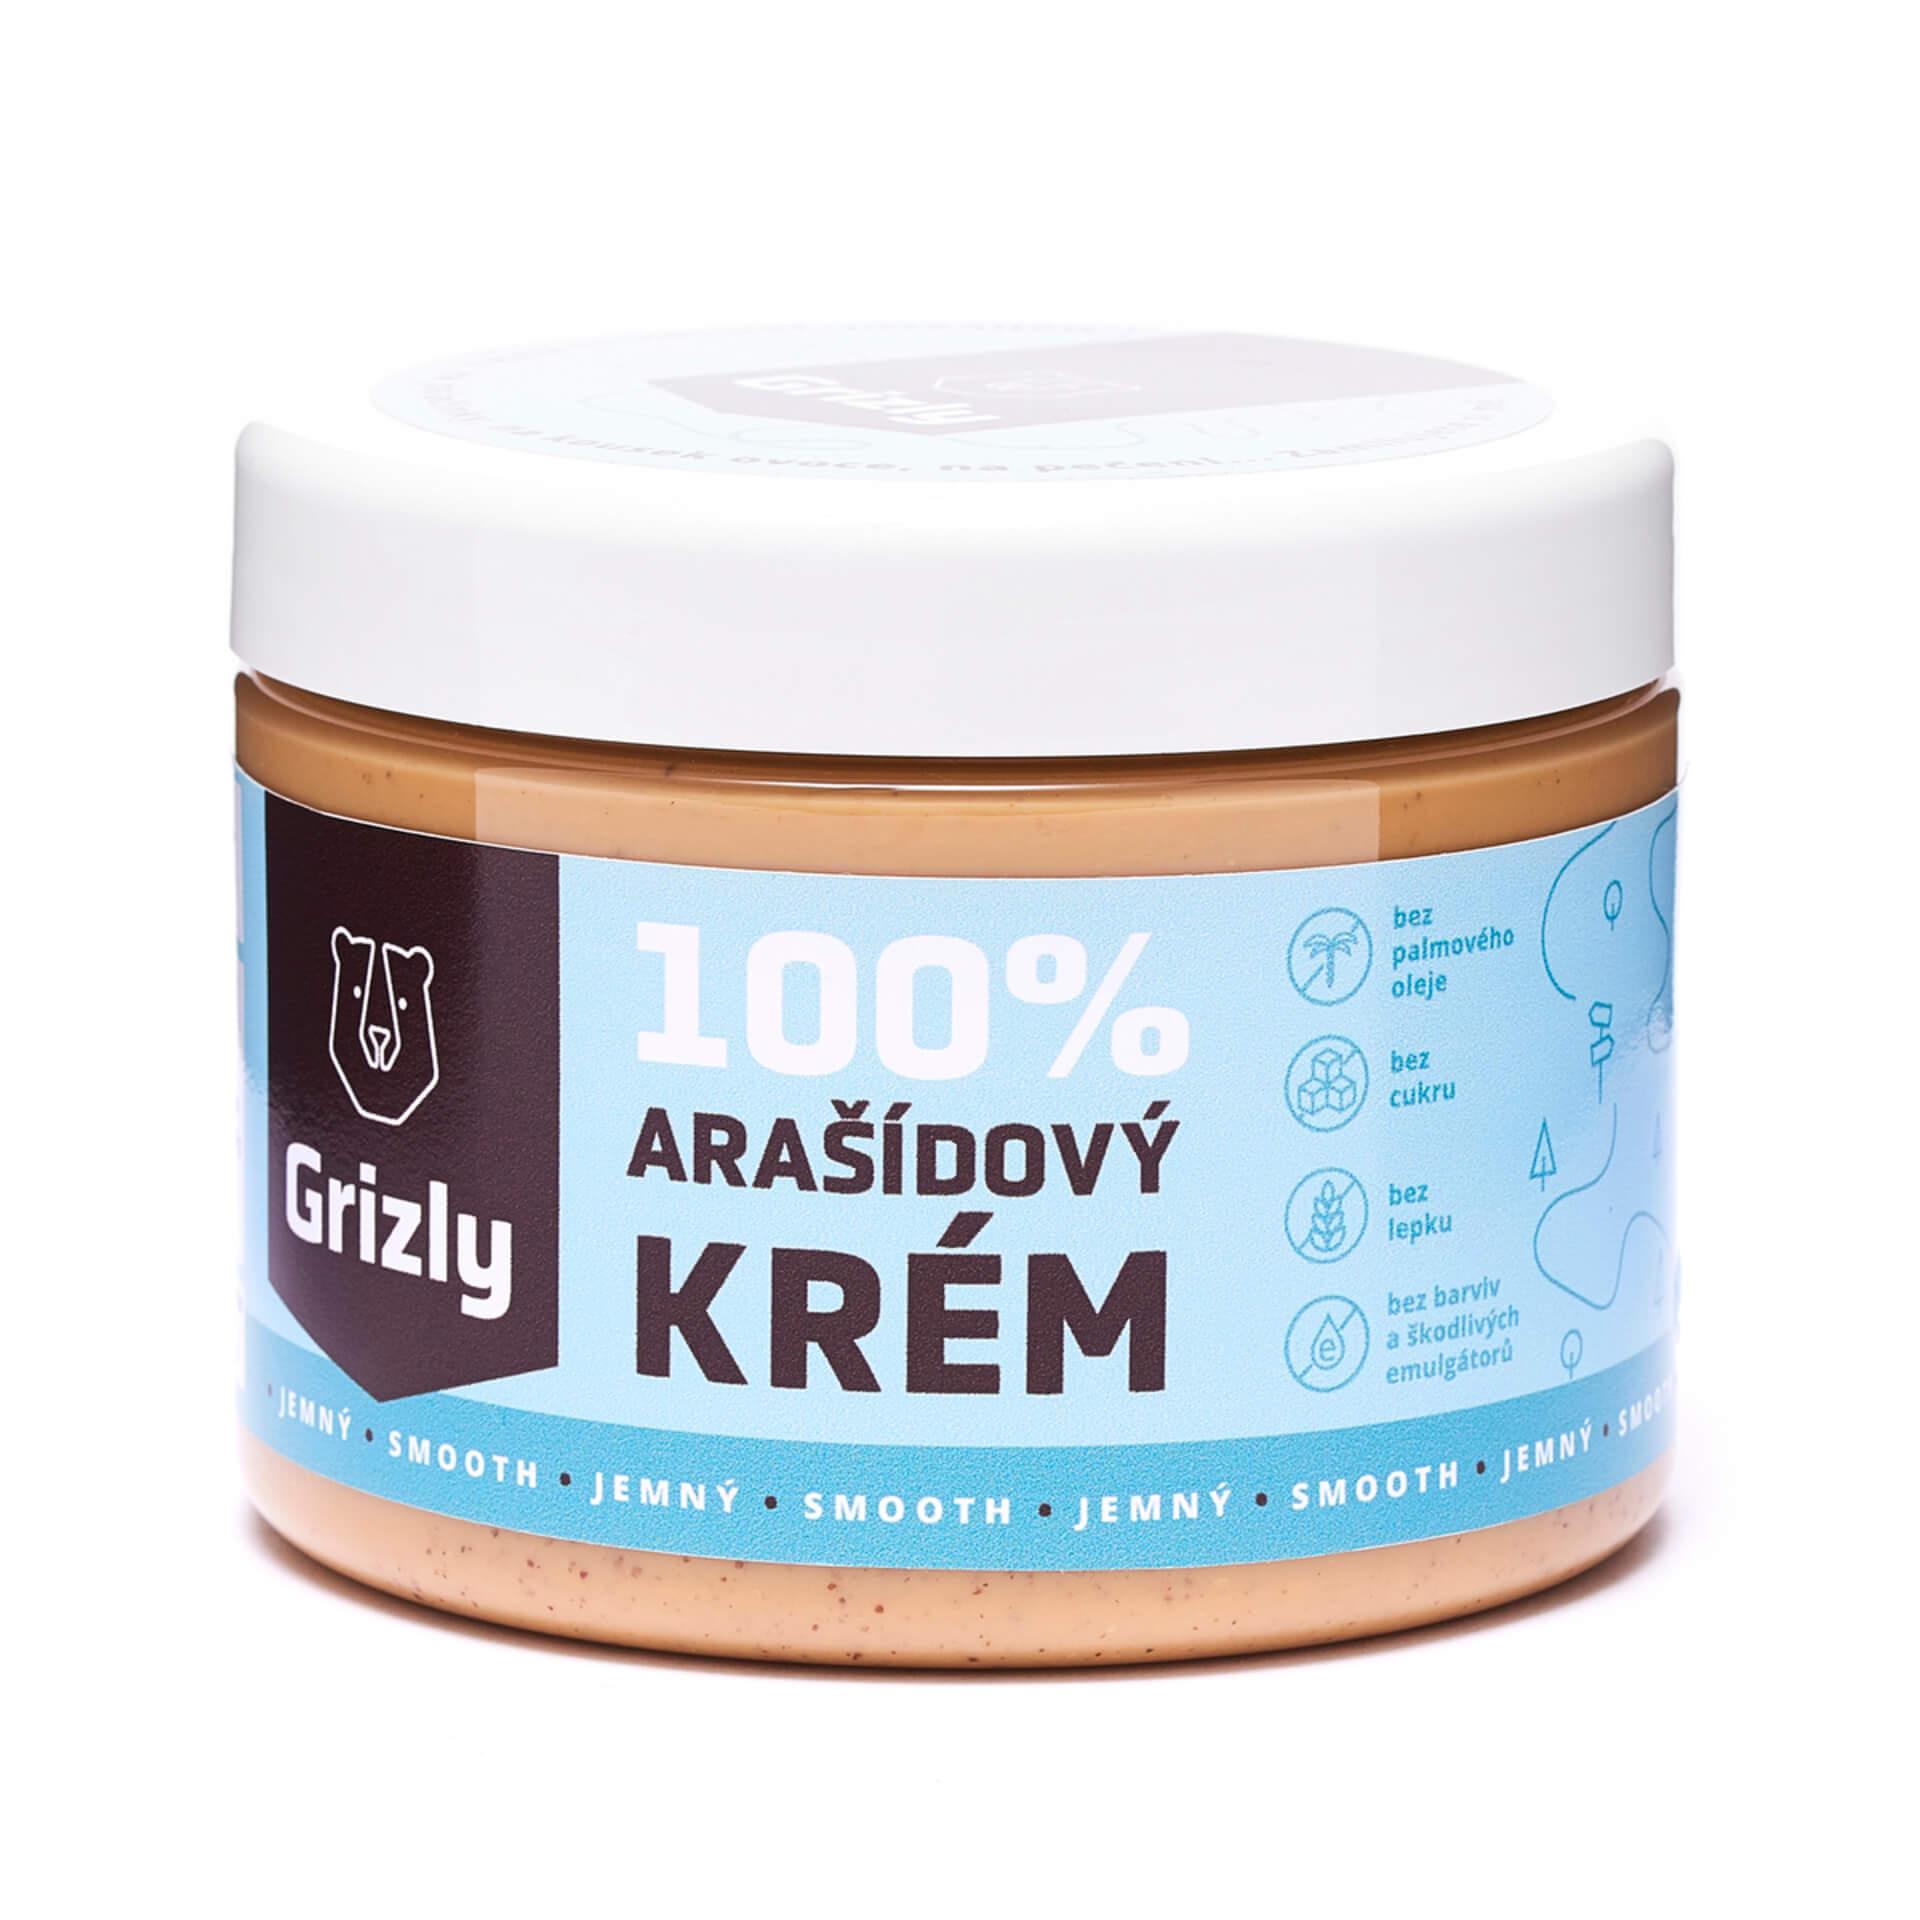 GRIZLY 100% Arašidové maslo jemné 500 g